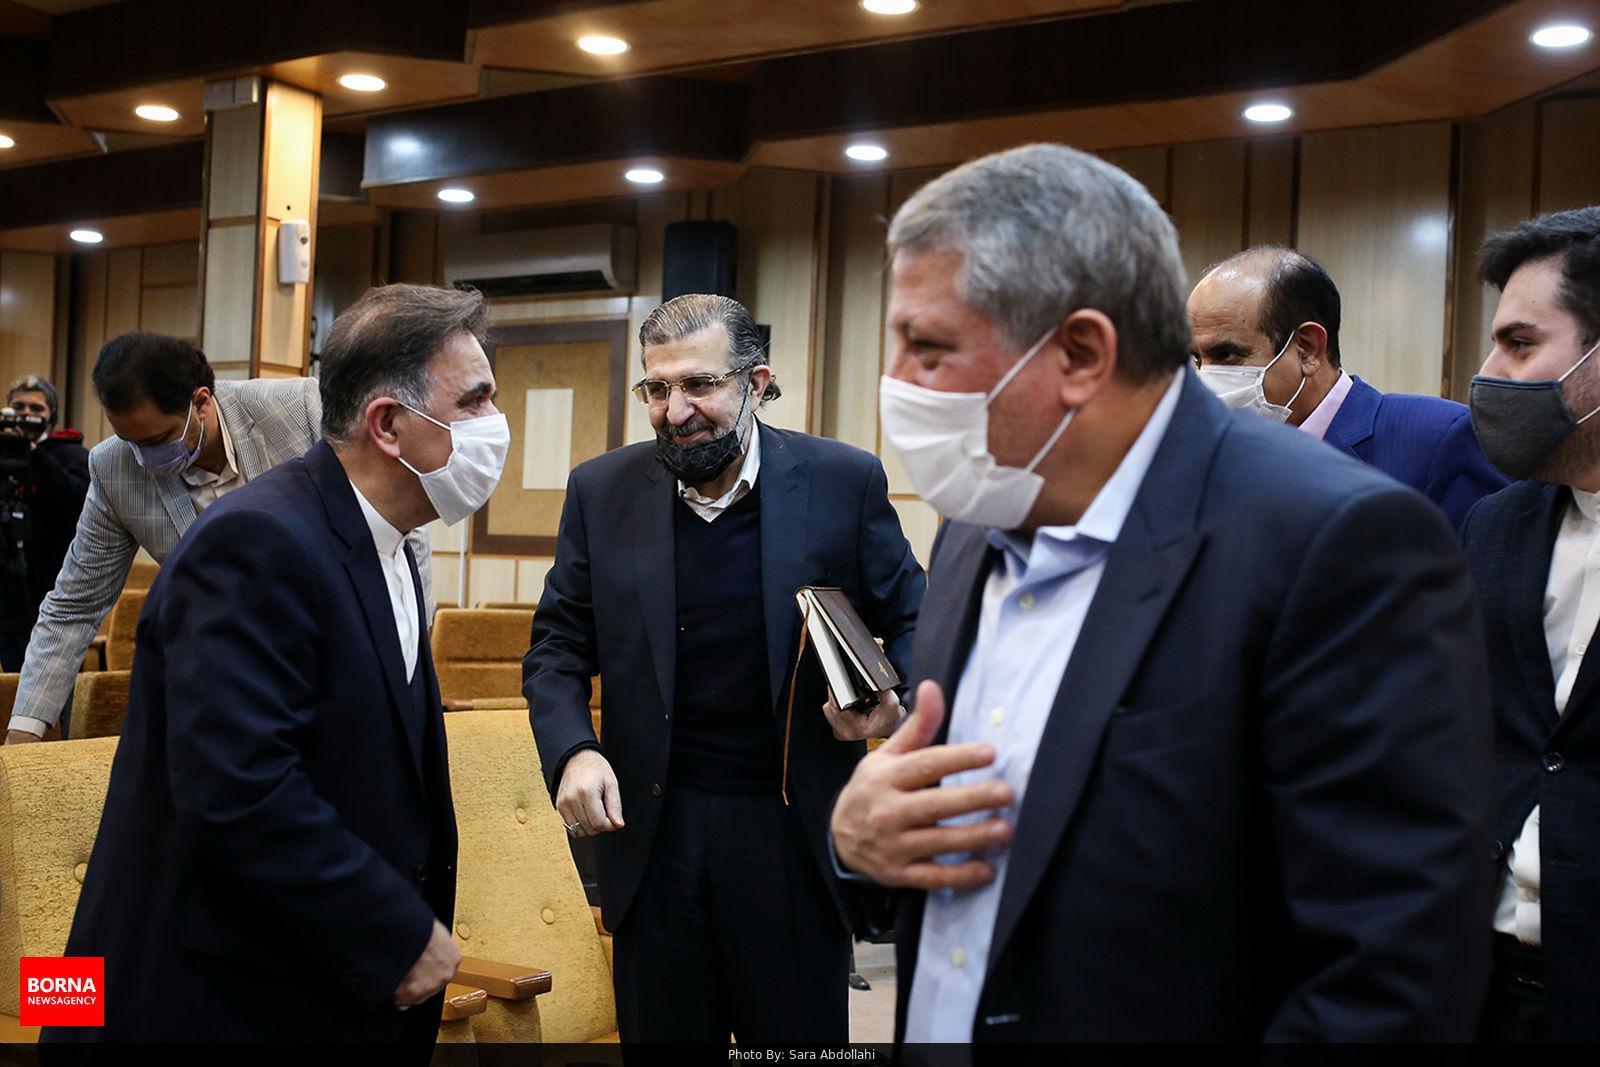 عکس/ از هاشمی تا آخوندی در نشست حزب ندای ایرانیان